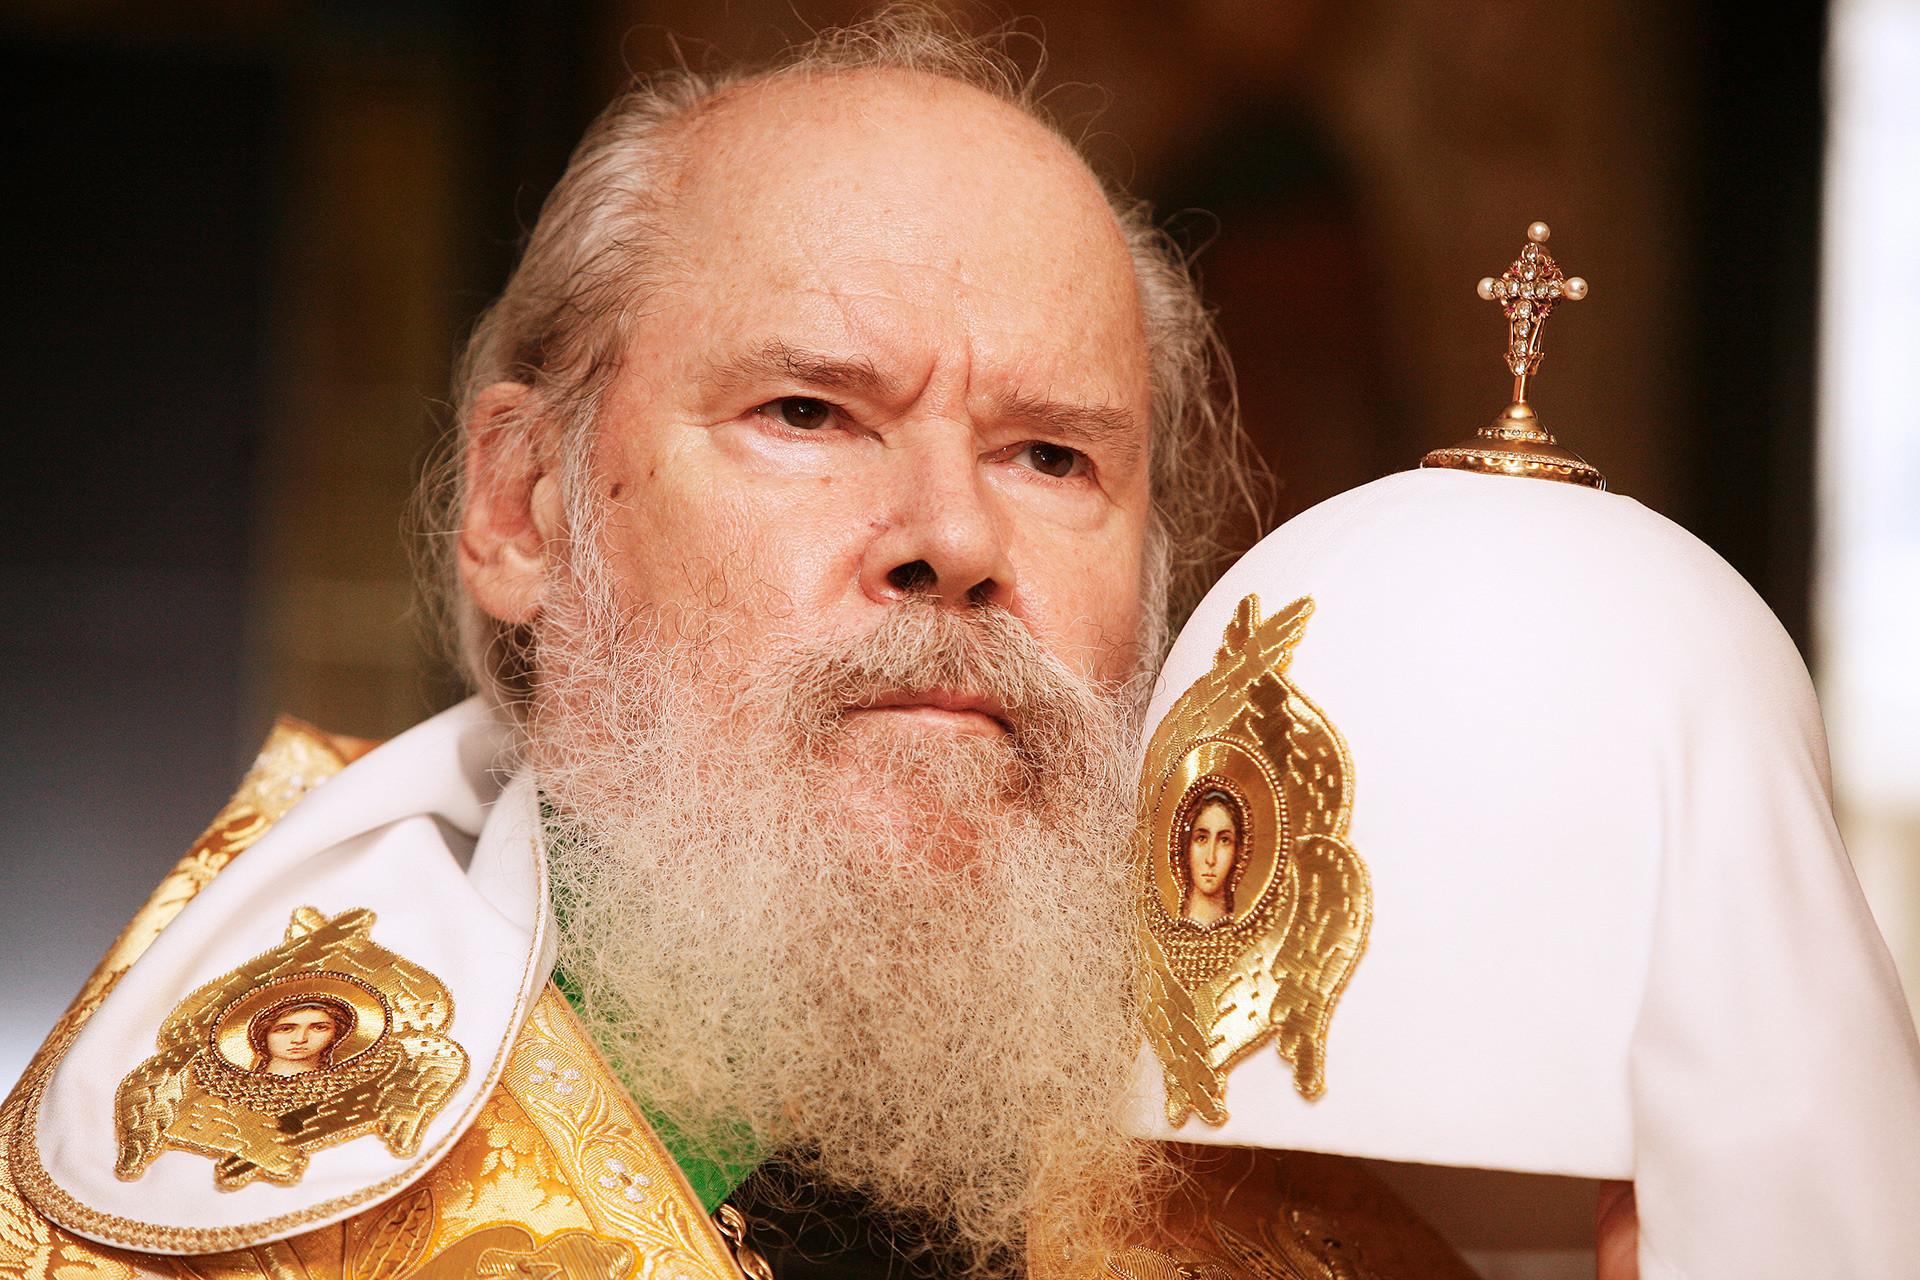 (Bivši) Patriarh Ruske pravoslavne cerkve Aleksij II.